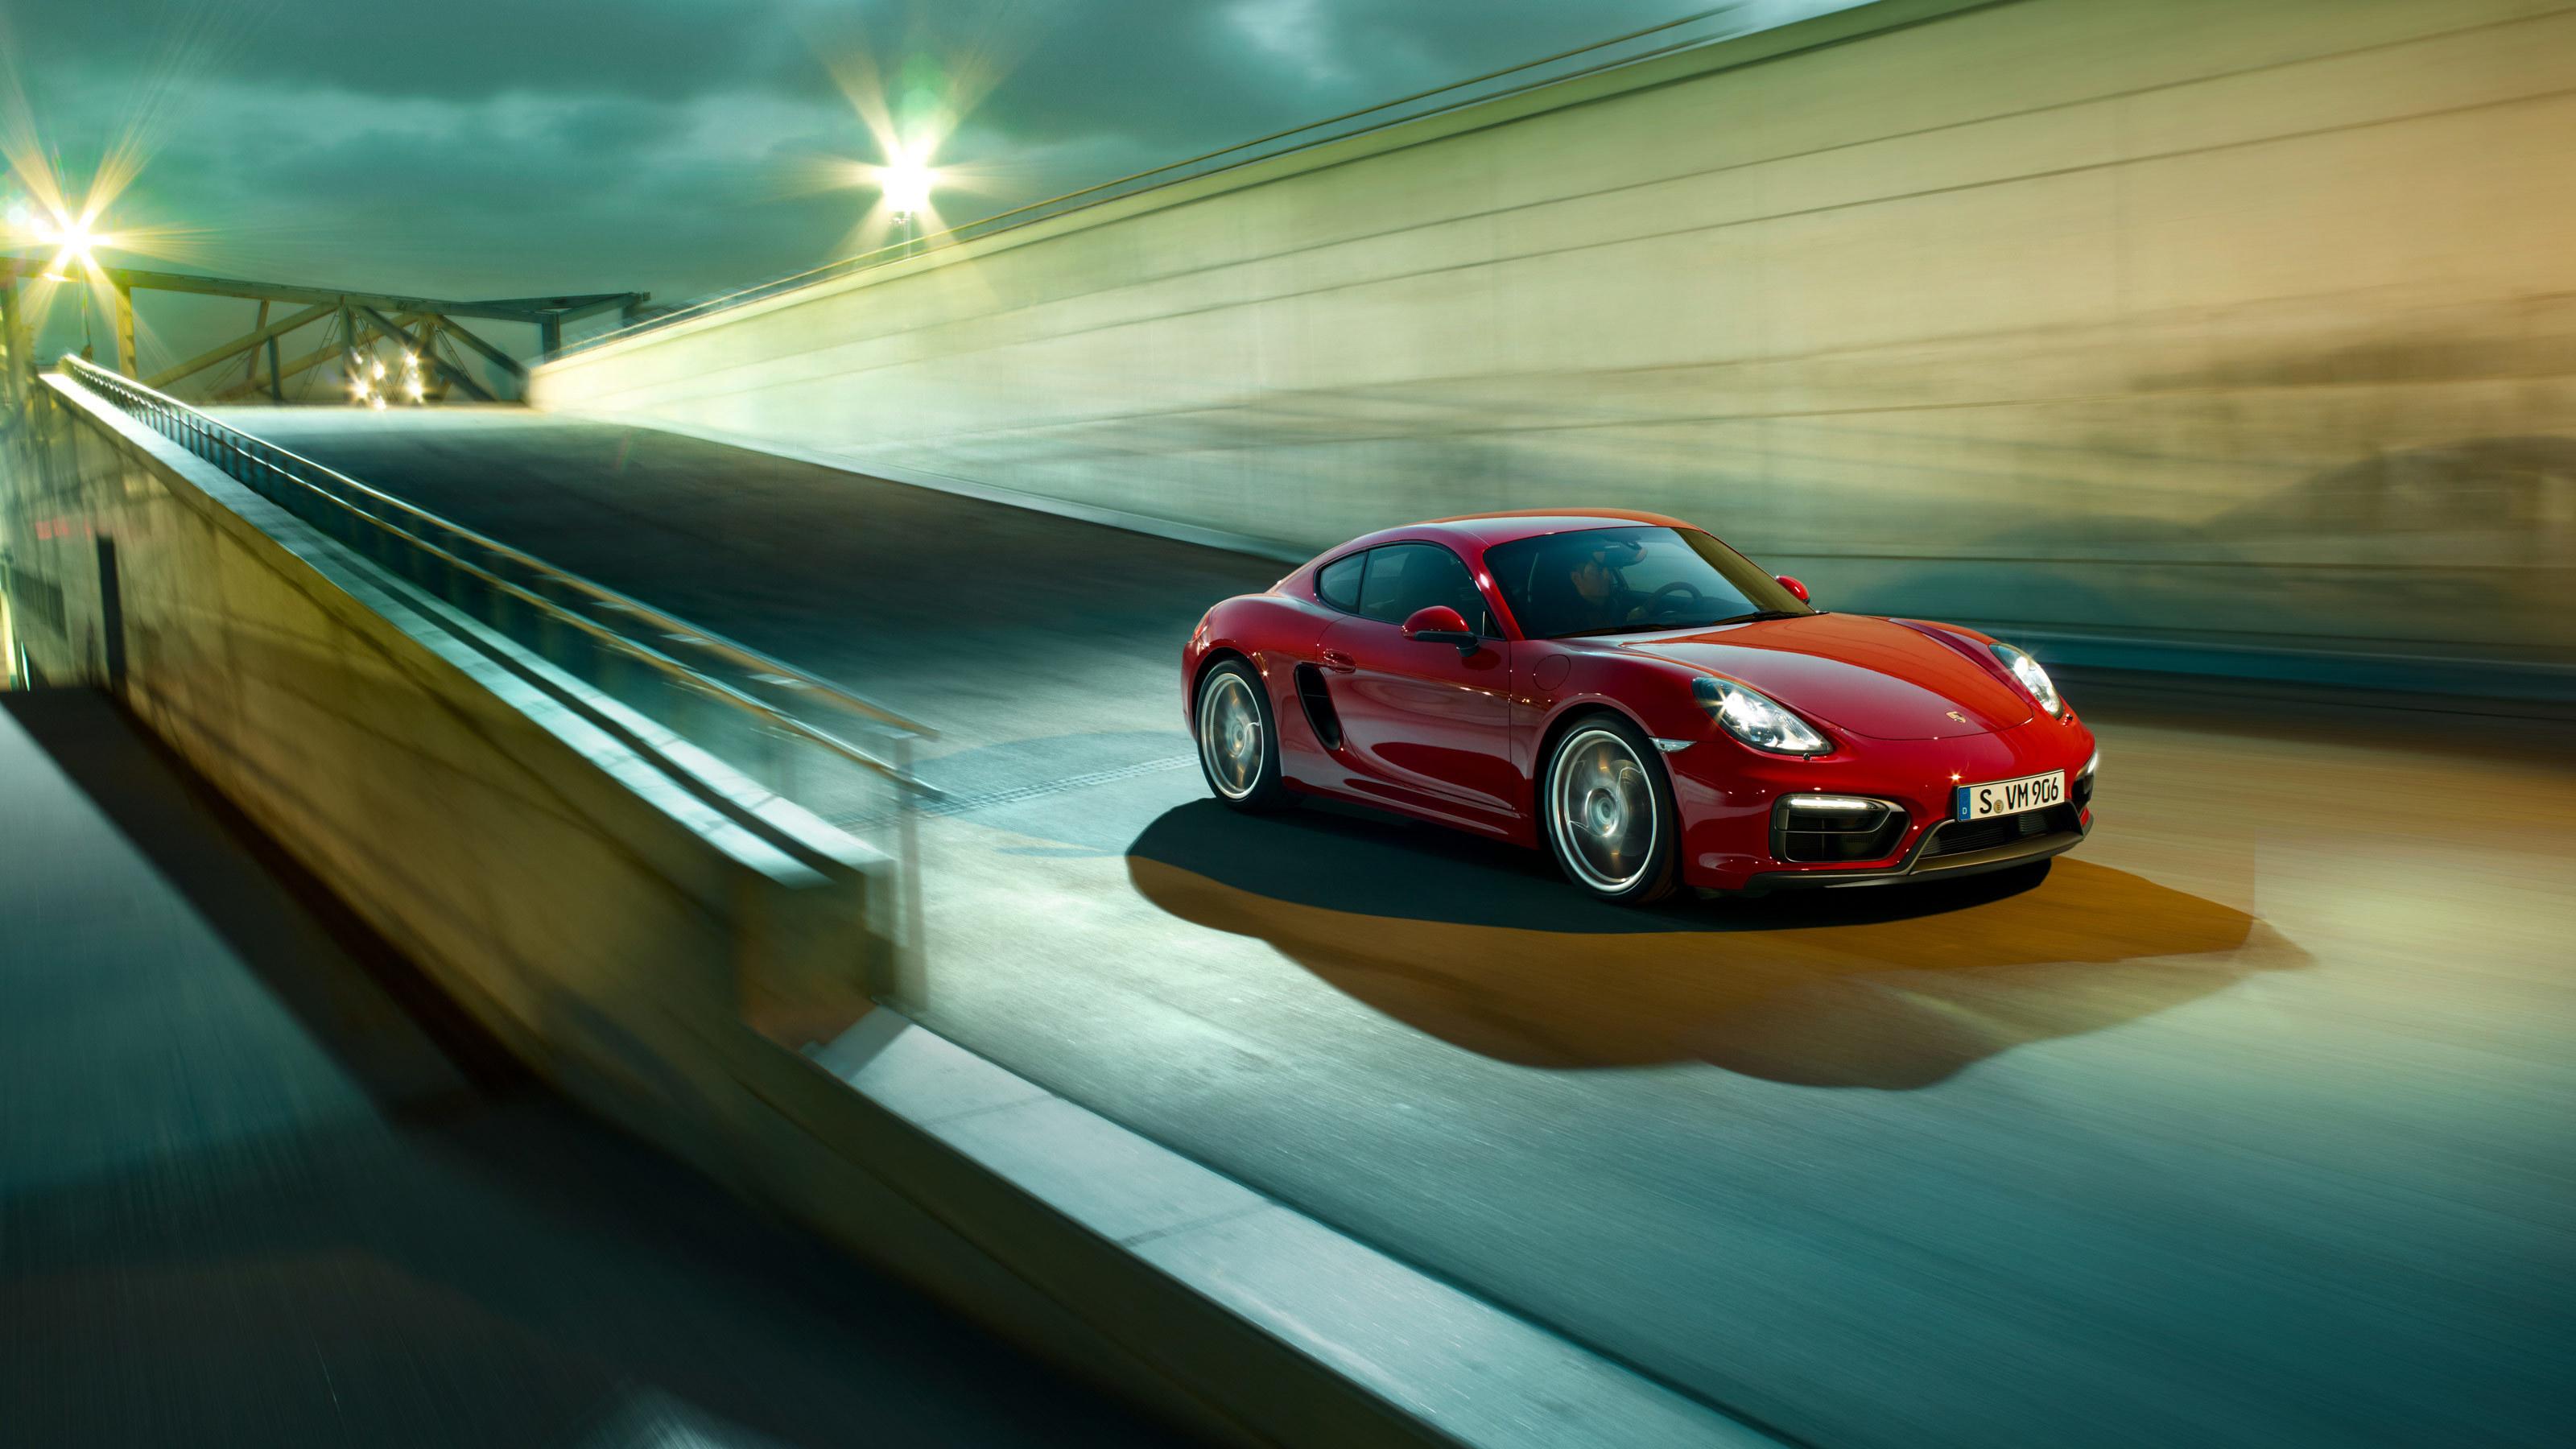 93006 papel de parede 480x800 em seu telefone gratuitamente, baixe imagens Porsche, Carros, Vista Lateral, Caimão, Cayman, Gts 480x800 em seu celular